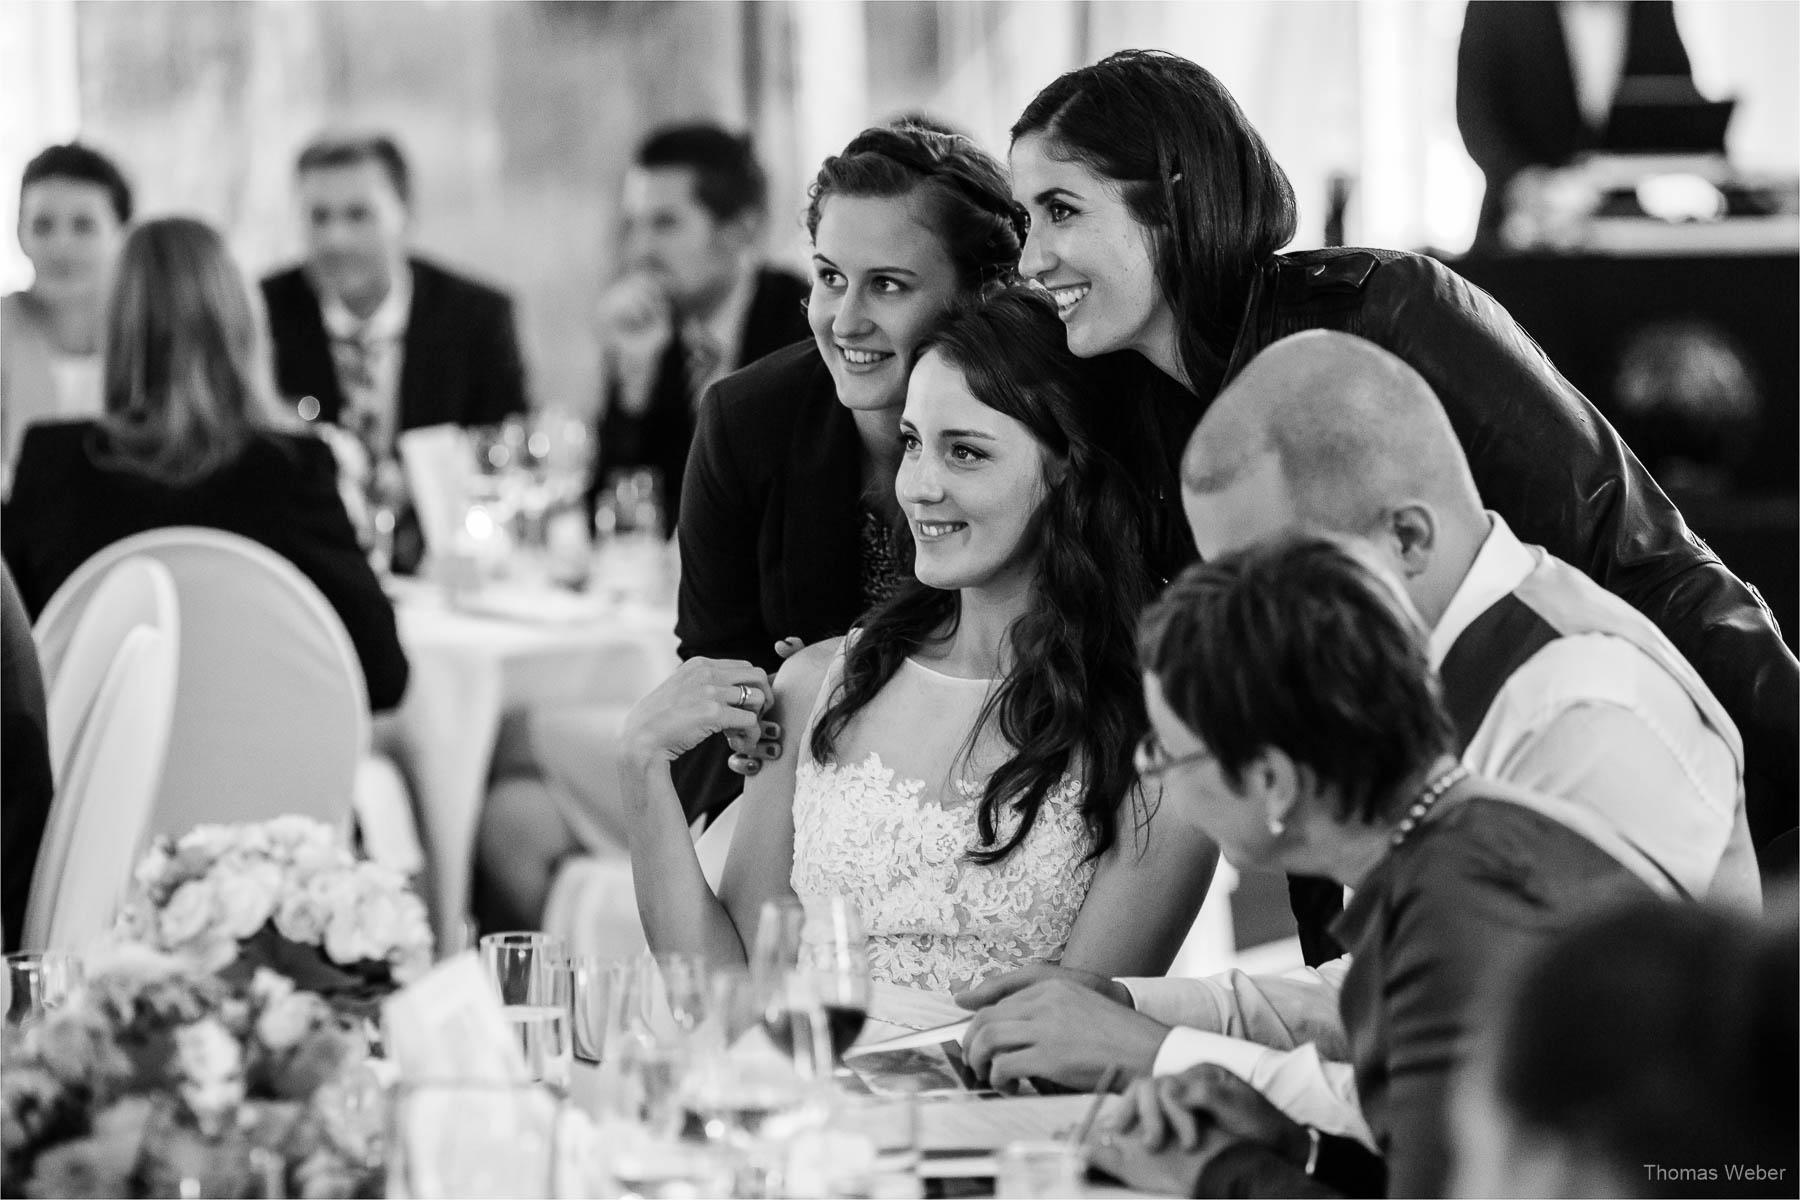 Hochzeitsfeier im Festzelt in Bad Zwischenahn, Hochzeitsfotograf Oldenburg, Thomas Weber